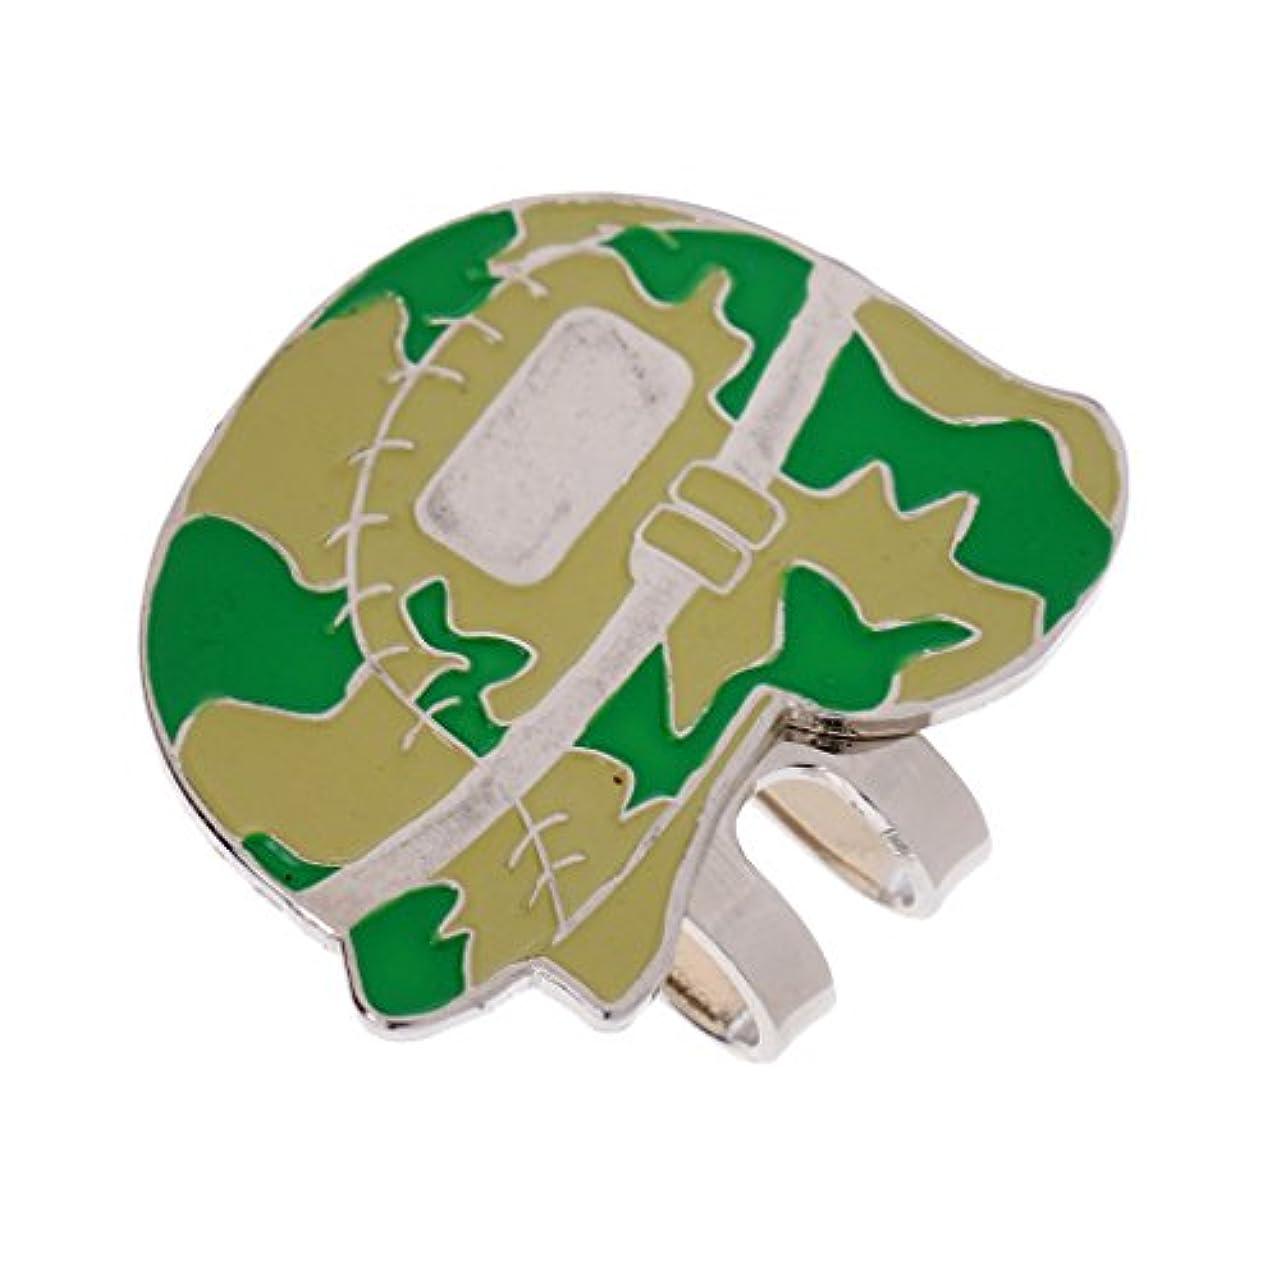 役割プレゼントシソーラスゴルフ 磁気 ボールマーカー ハットクリップ 取り外し可能 ランダムカラー